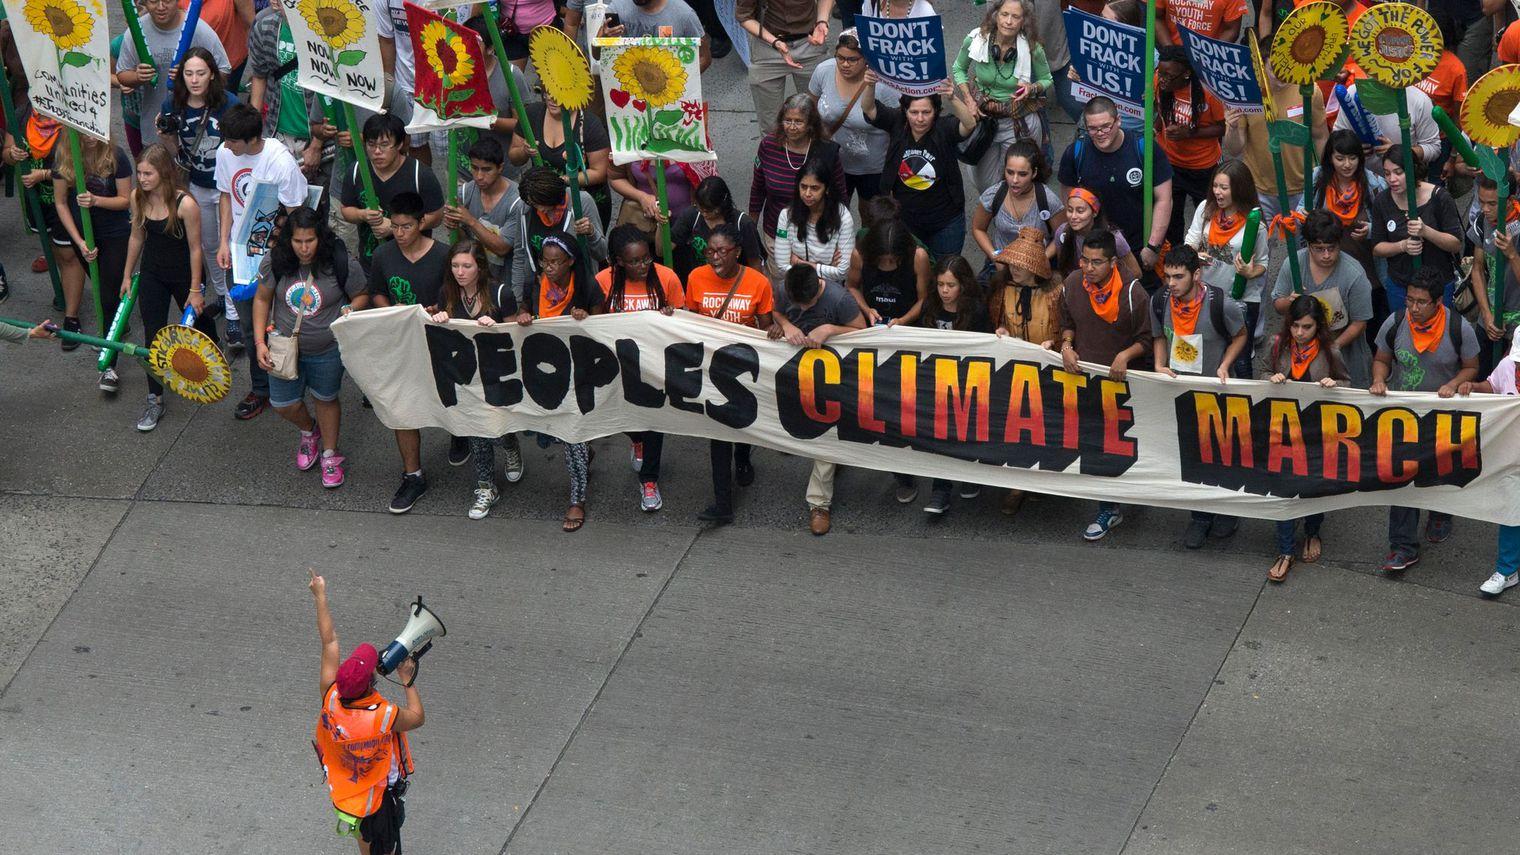 Tensions sur le partage des efforts entre Nord et Sud à la COP21